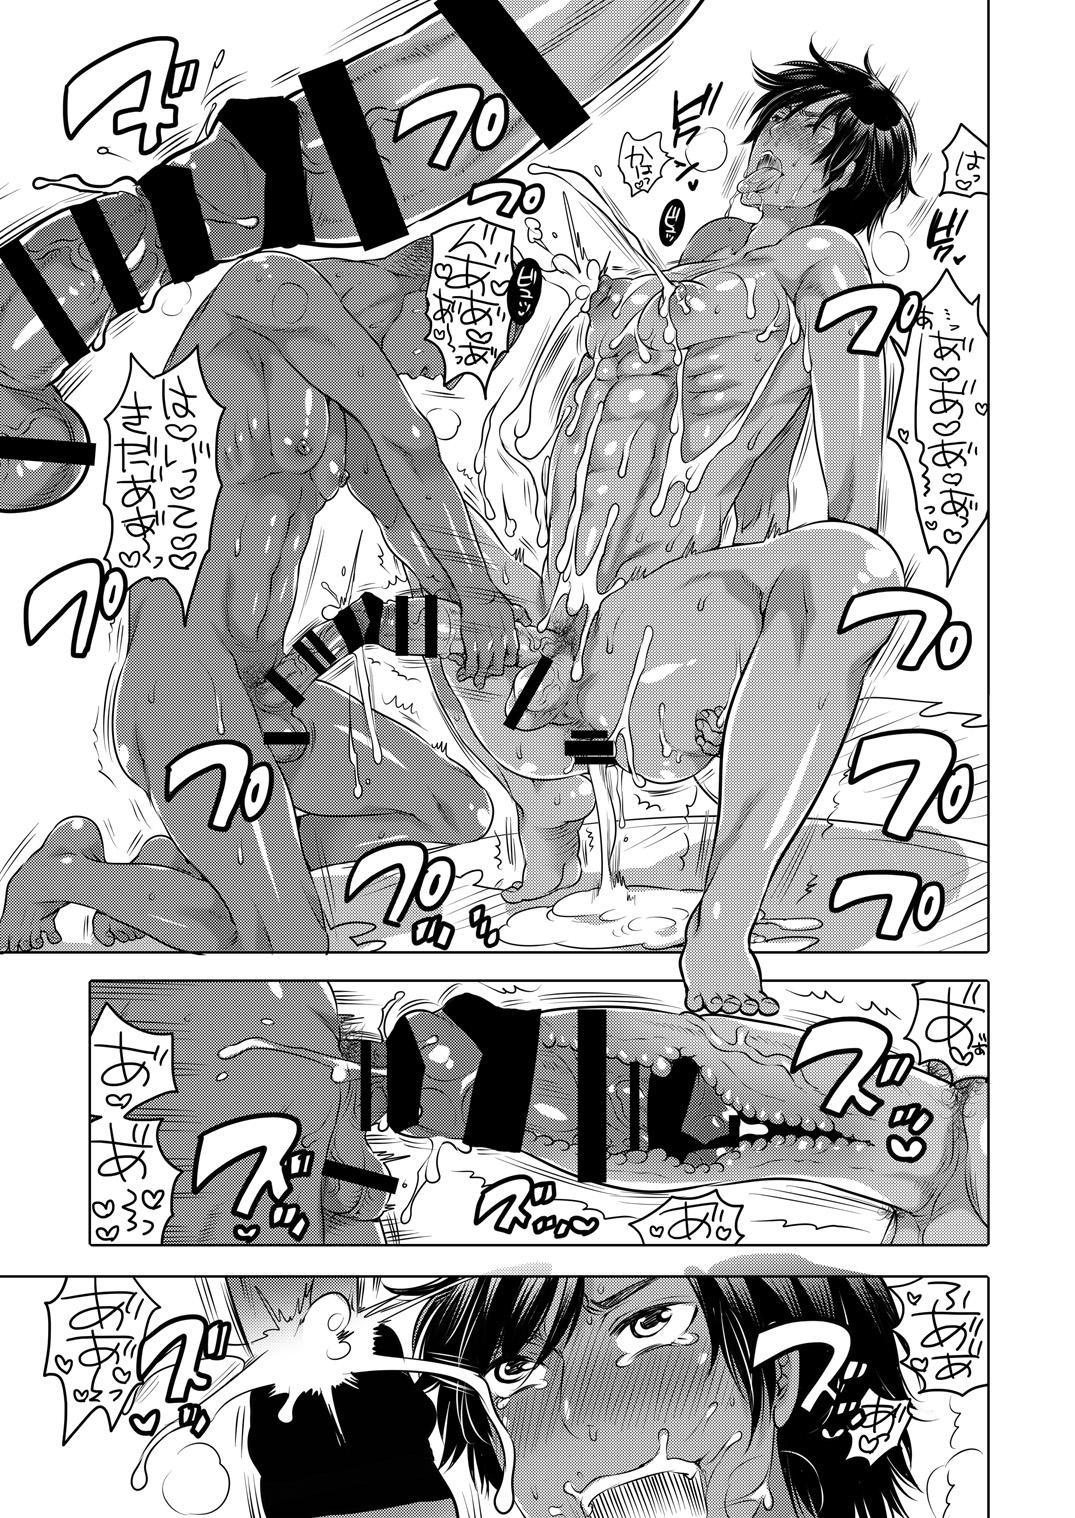 Nushi-sama no Yome ni Nacchaimashita 27